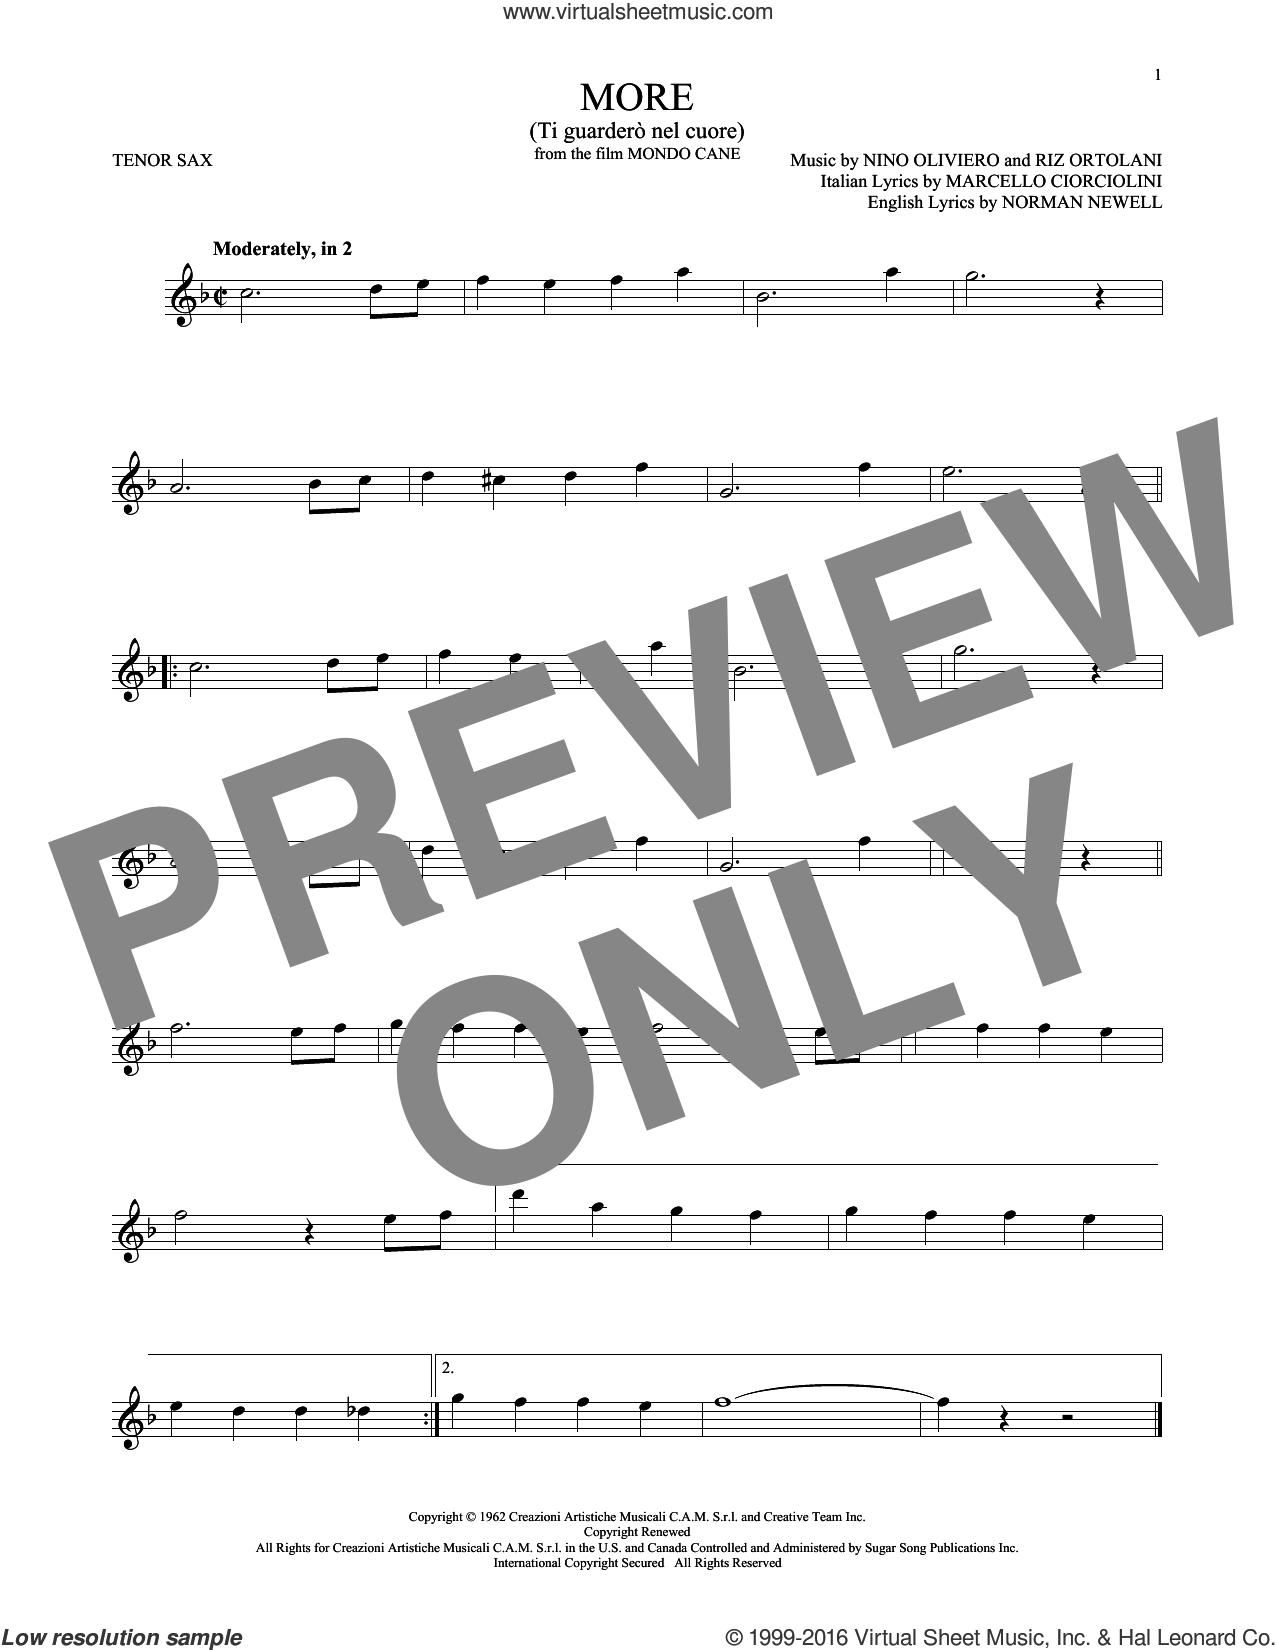 More (Ti Guardero Nel Cuore) sheet music for tenor saxophone solo by Norman Newell, Kai Winding, Marcello Ciorciolini, Nino Oliviero and Riz Ortolani, intermediate skill level